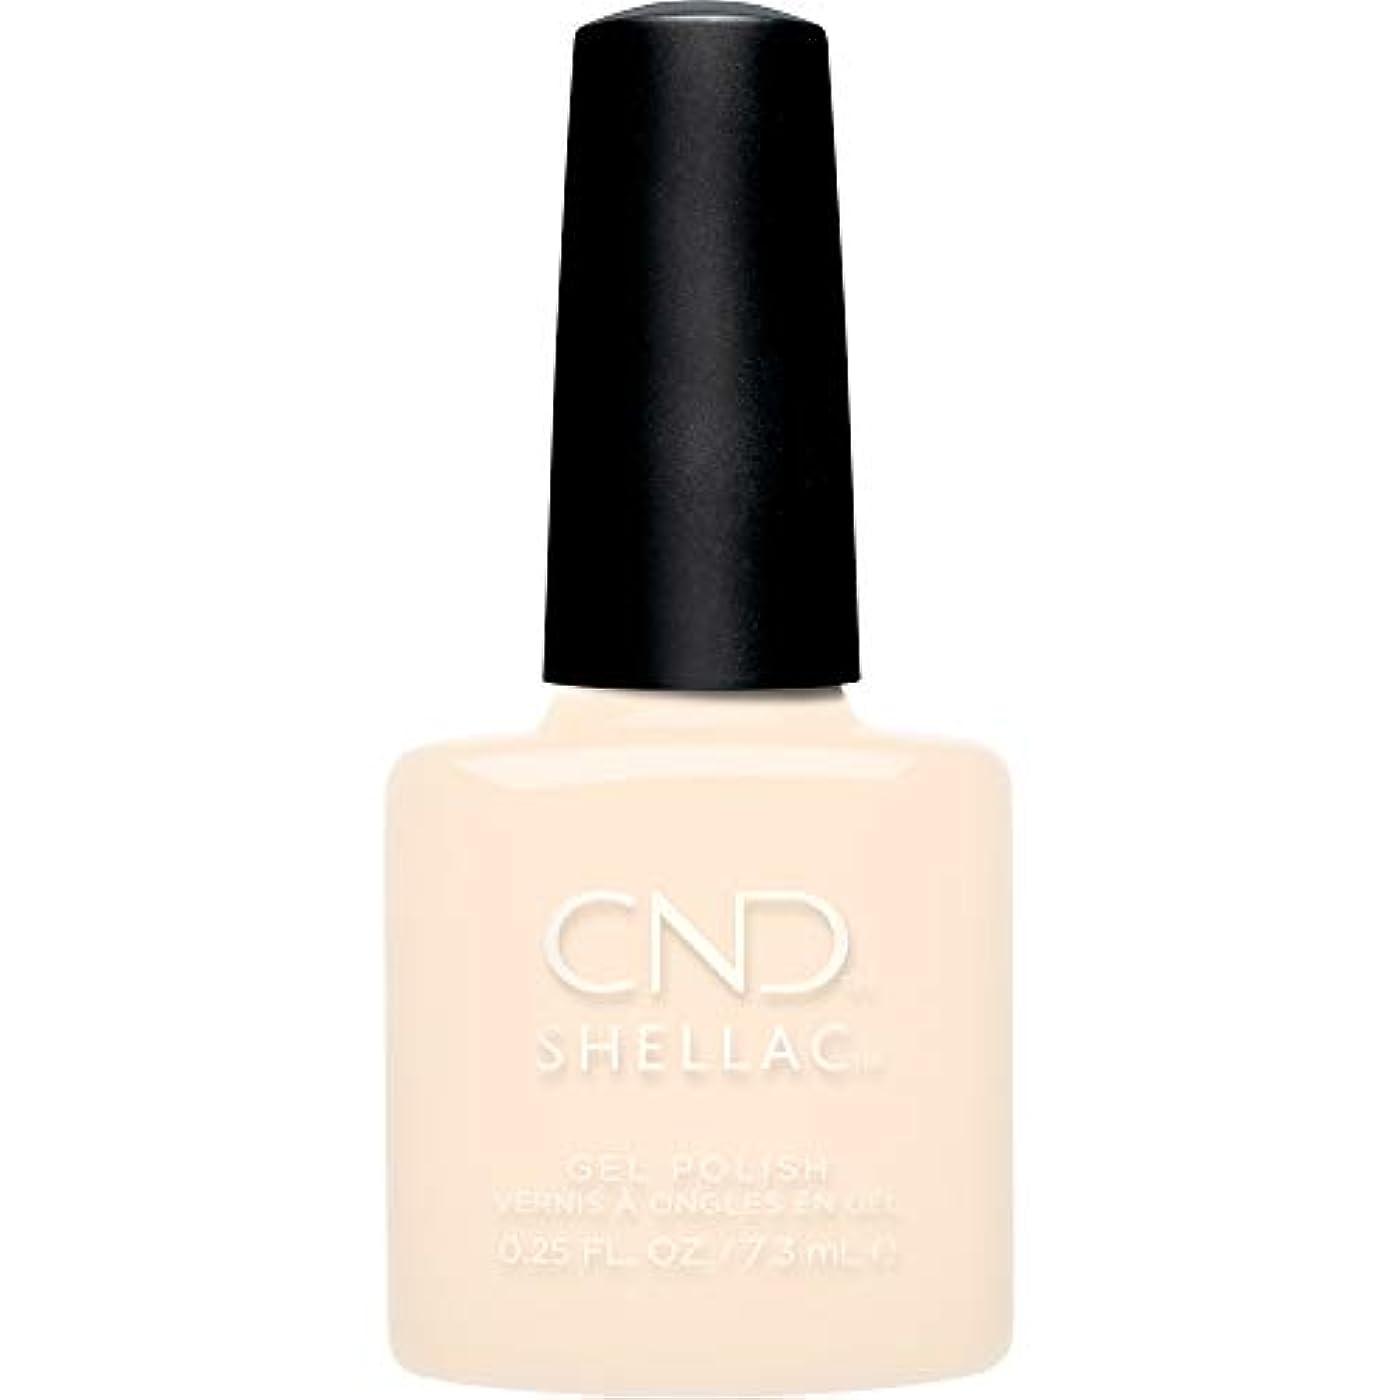 CND(シーエヌディー) CND シェラック カラーコート 285 7.3mL UV/LED対応 ジェルネイル